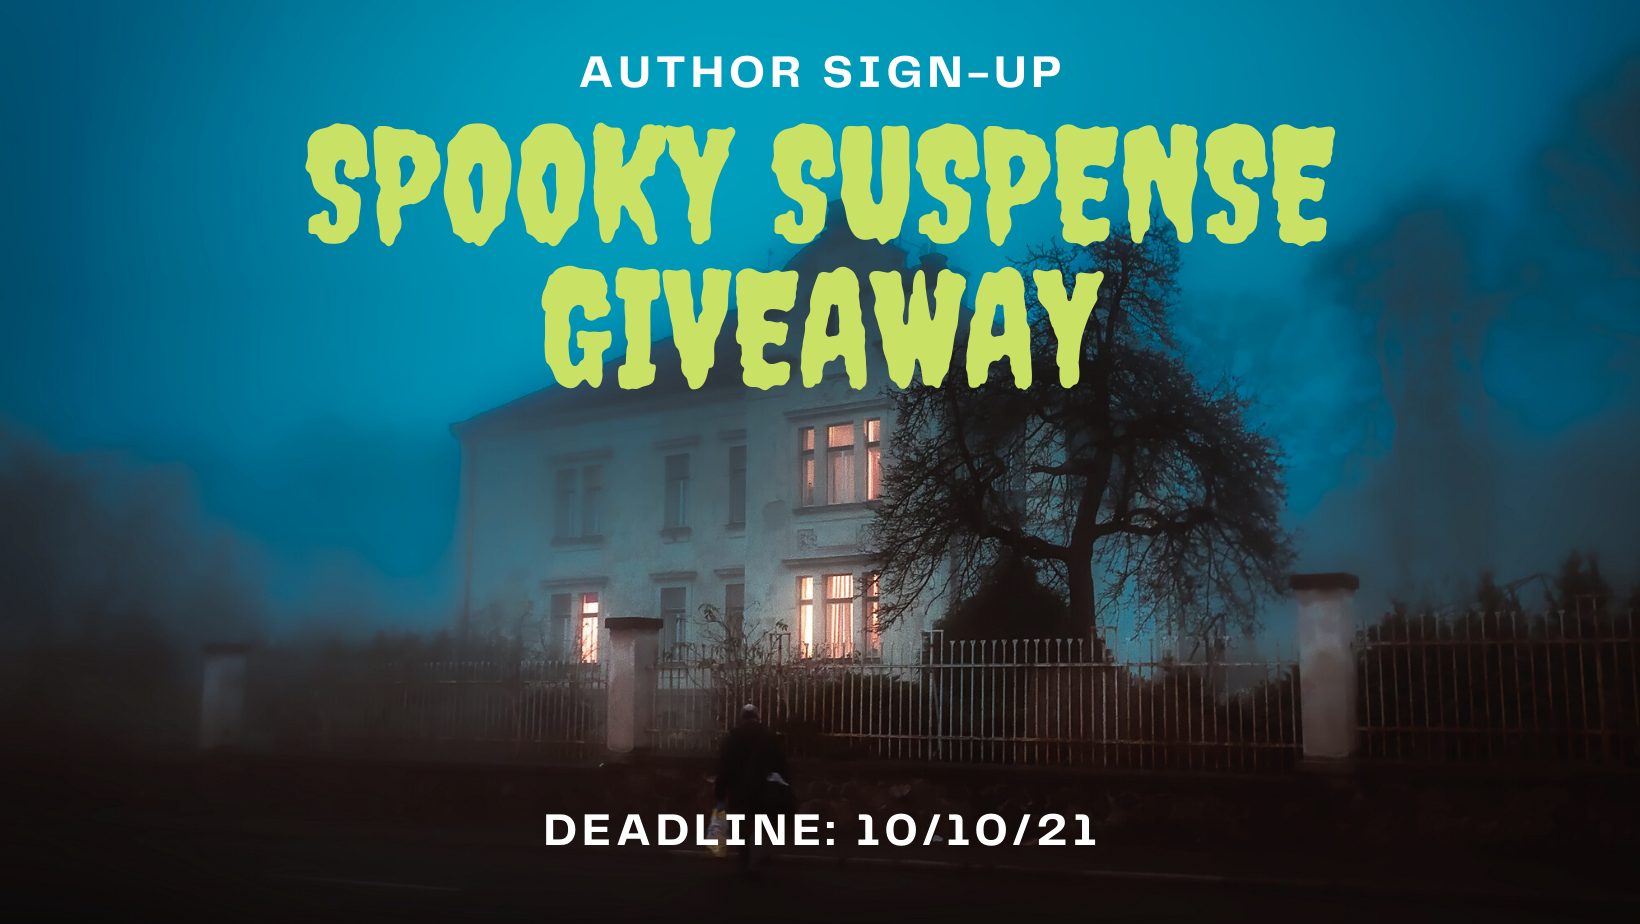 Spooky Suspense